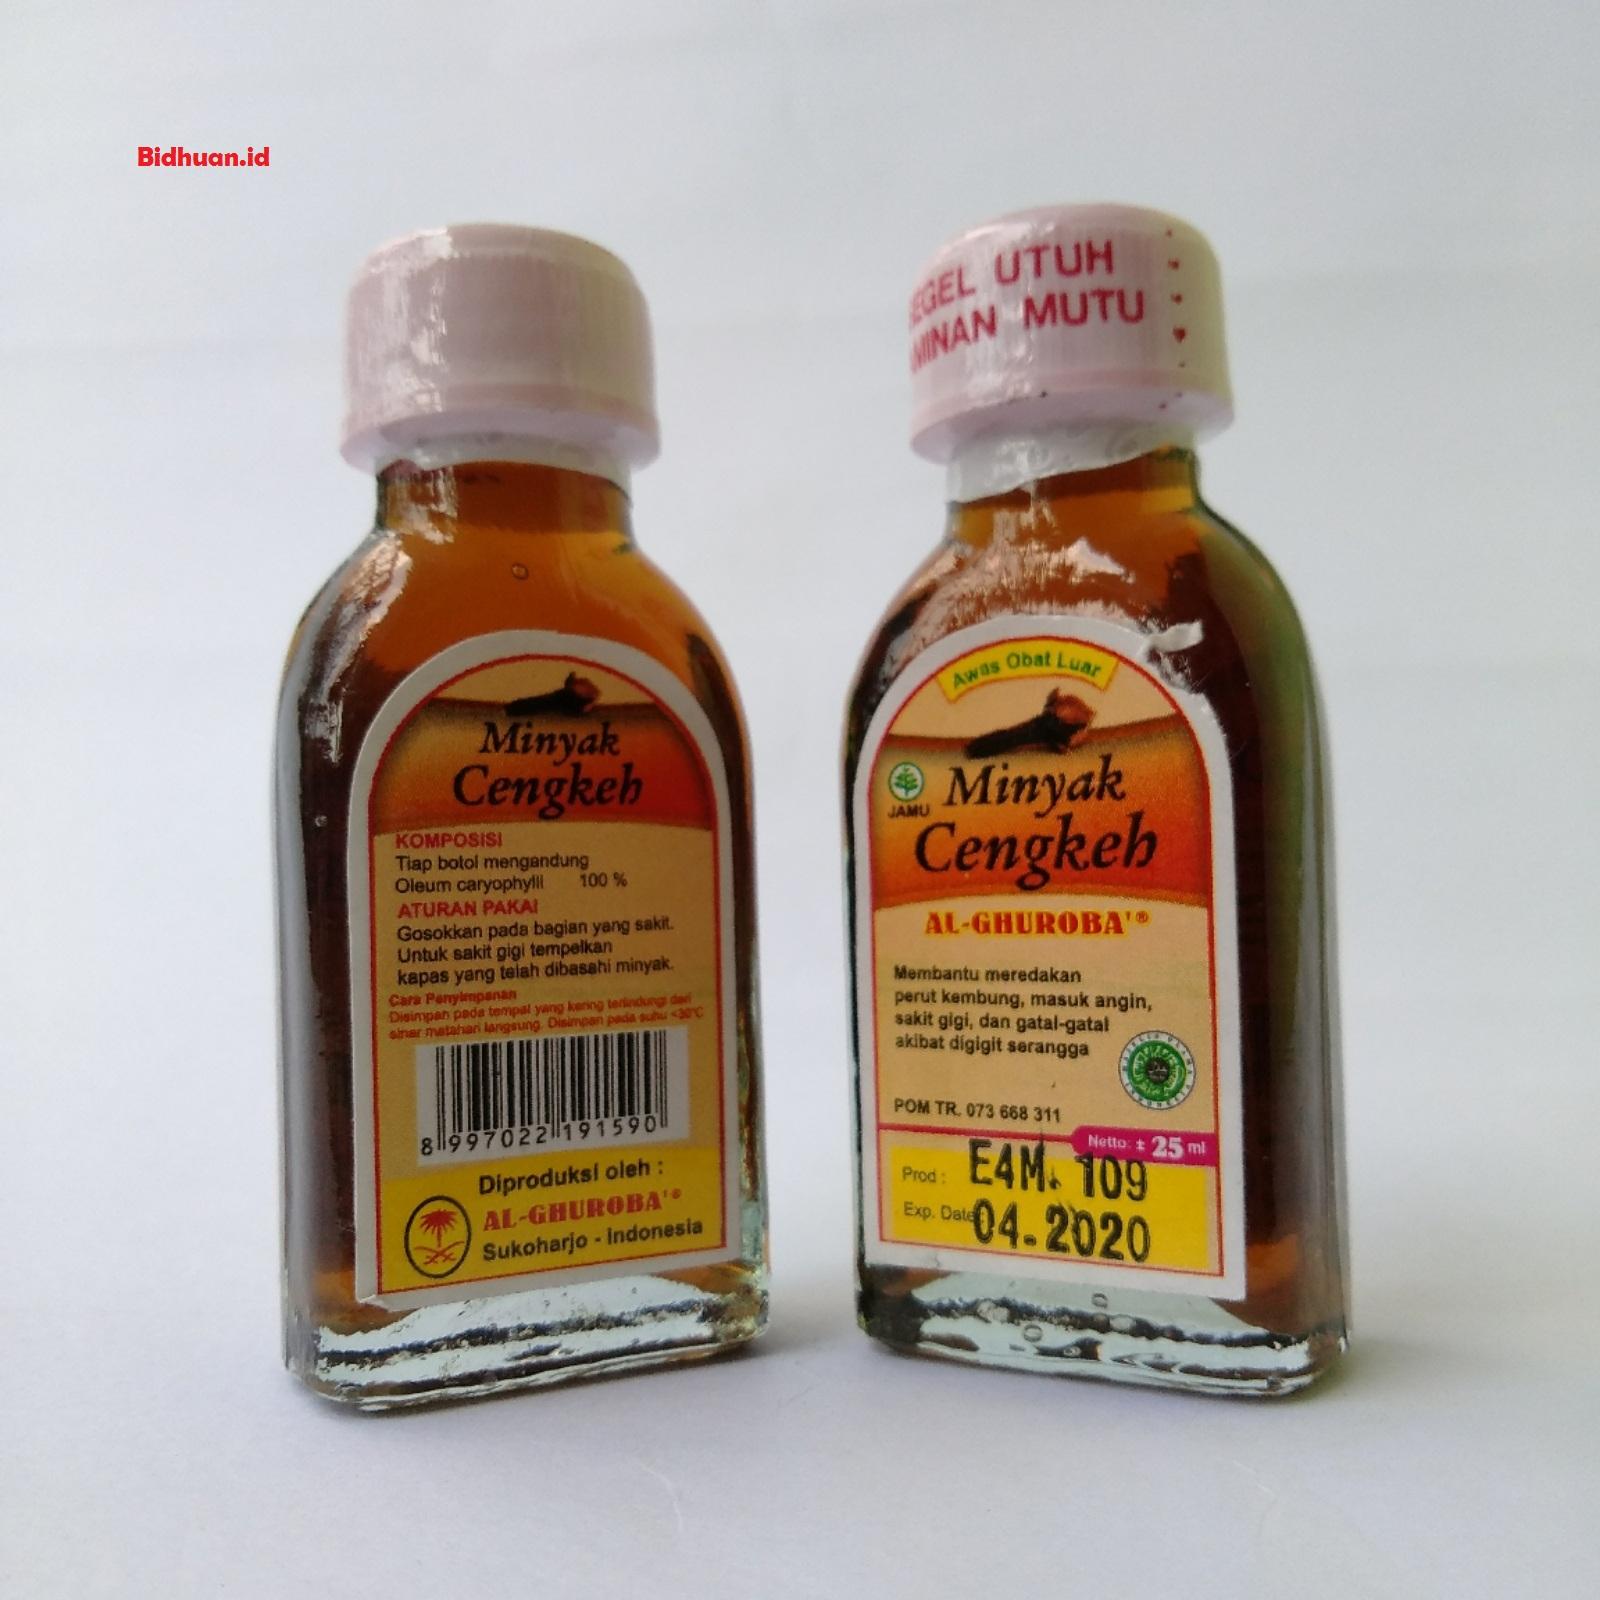 Mengatasi gusi bengkak dengan minyak cengkeh